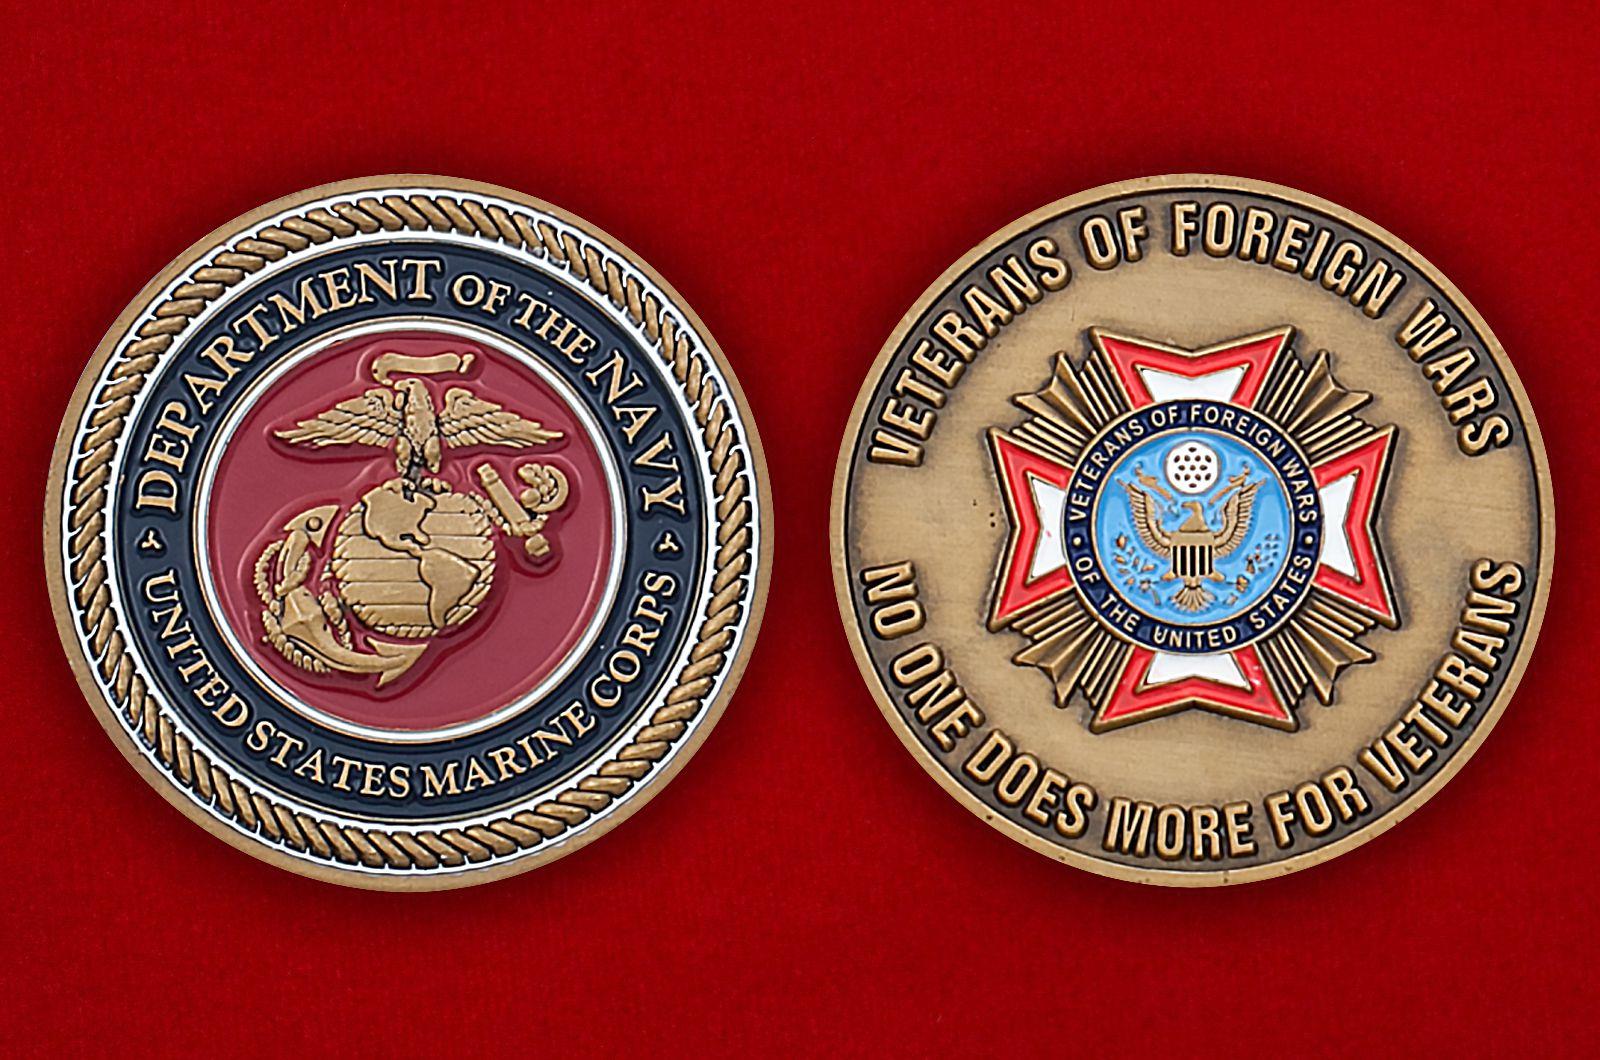 Челлендж коин ветеранов зарубежных войн Корпуса Морской пехоты США - аверс и реверс